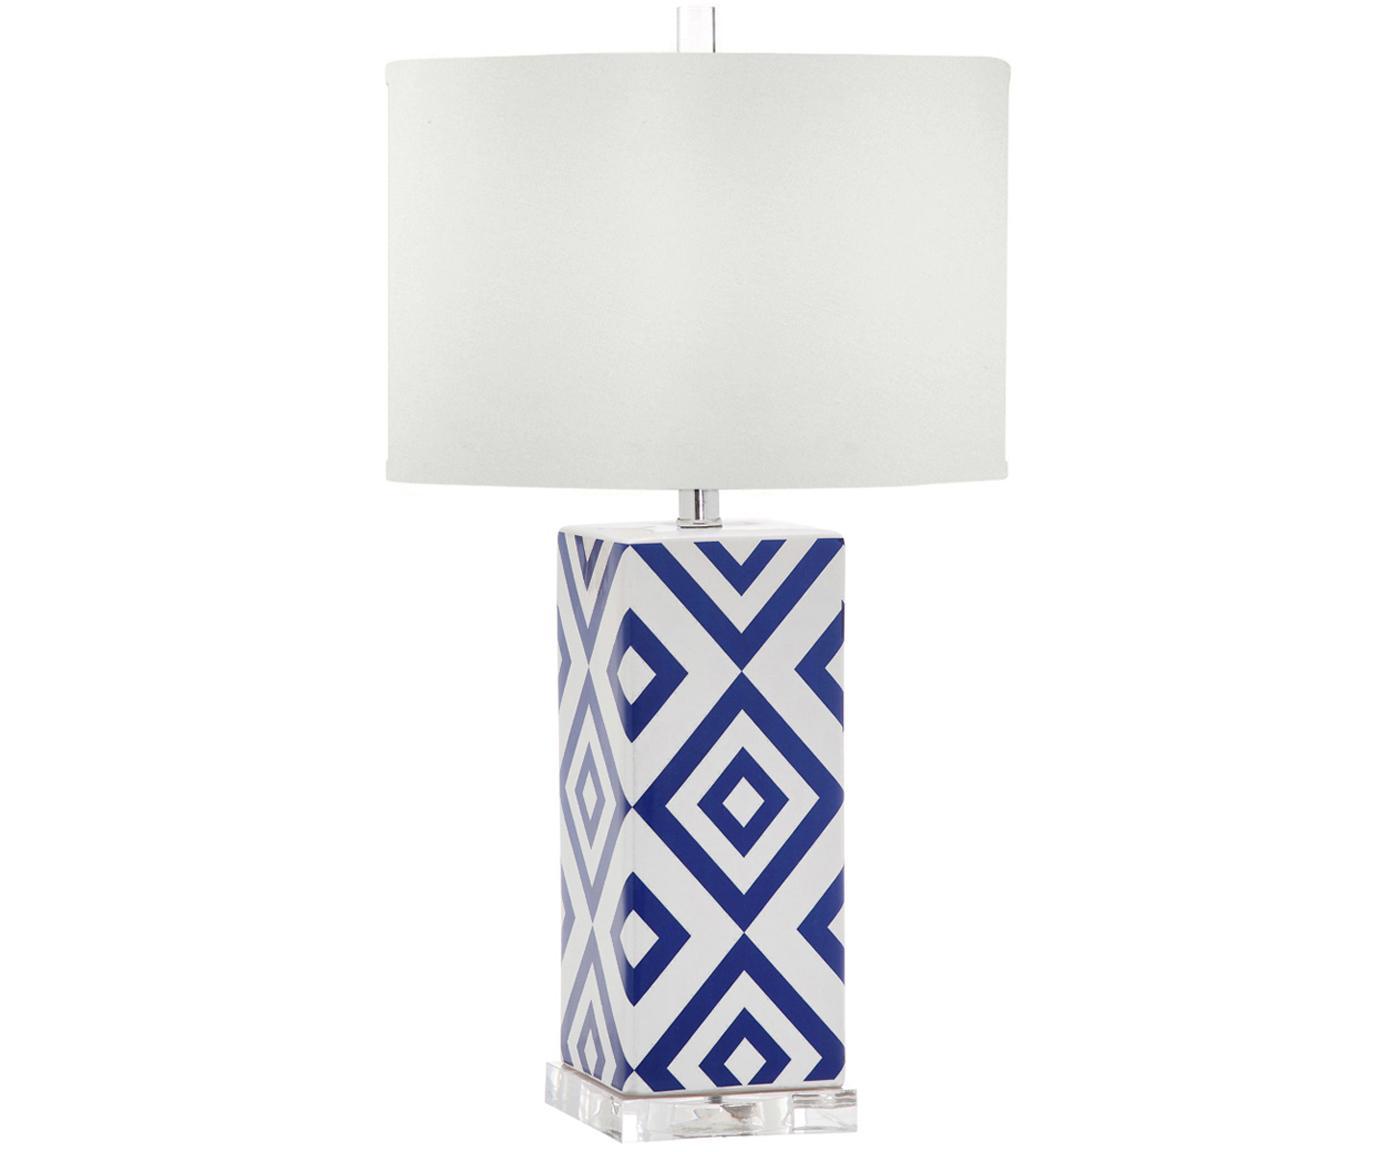 Lampa stołowa XL Patricia, 2 szt., Ceramika, akryl, Niebieski, biały, Ø 38 x 69 cm